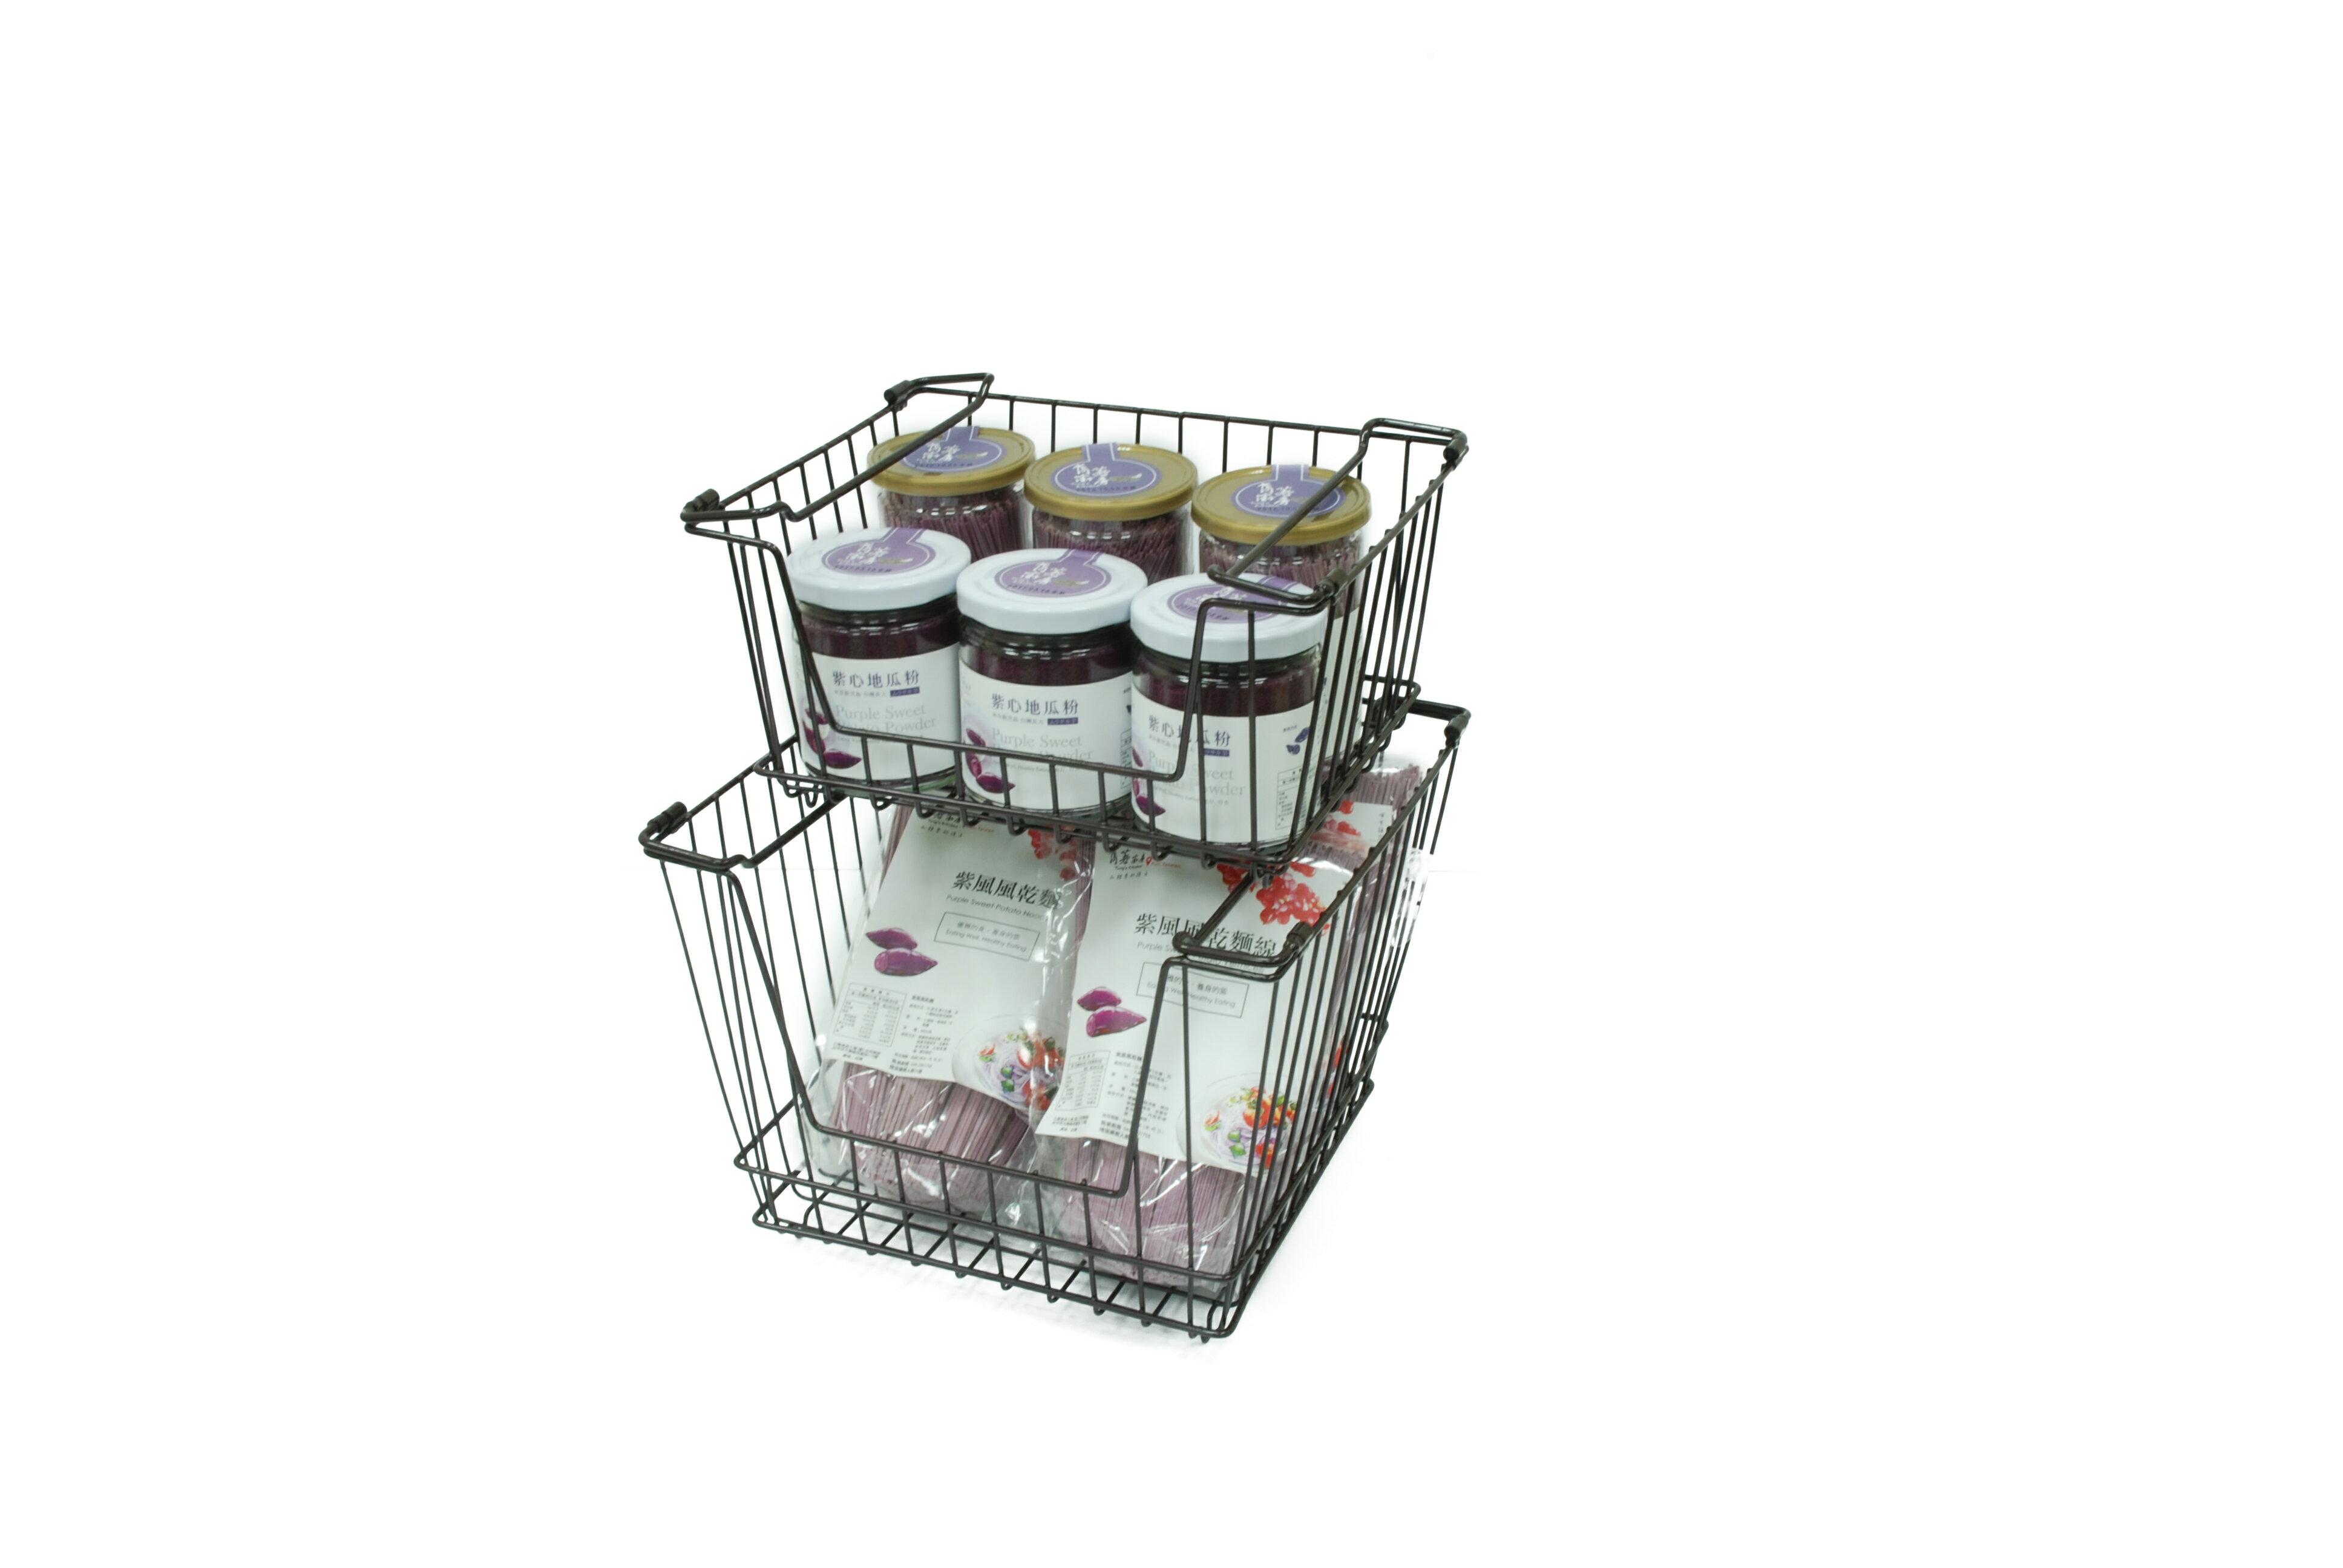 【凱樂絲】媽咪好幫手堆疊收納籃  一組三入促銷價899 - 自由DIY 空間利用 透氣通風, 客廳, 廚房, 衣櫃適用 5